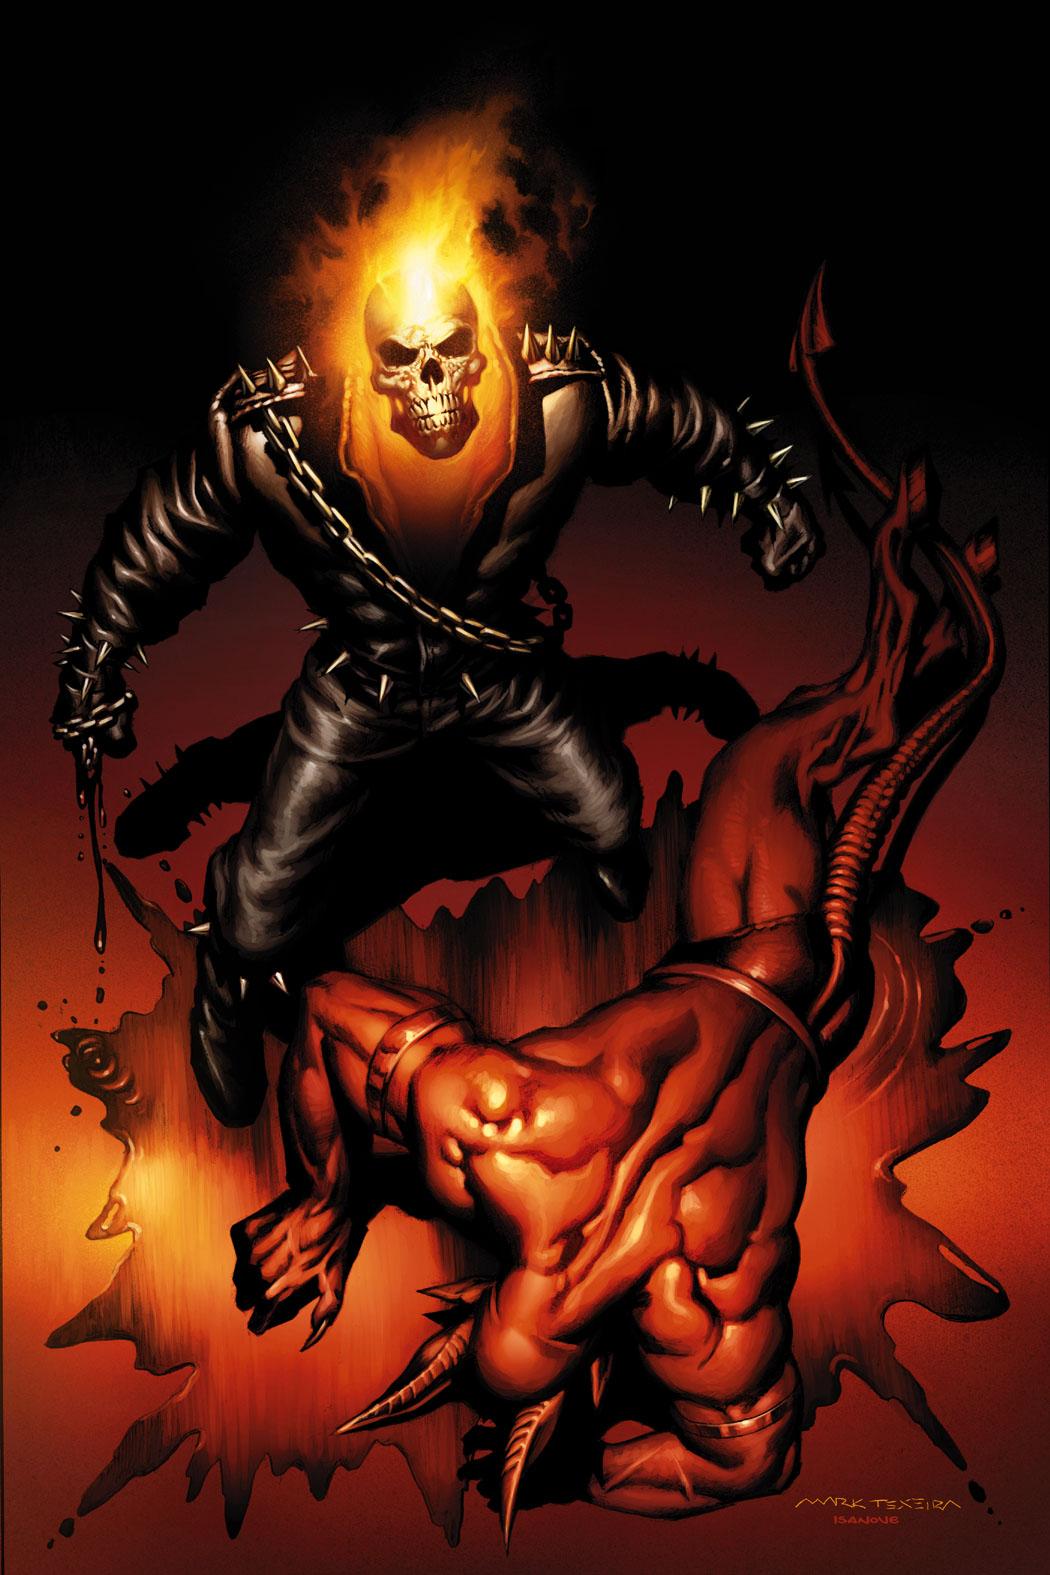 Imagenes de Calidad (no-anime) - Página 21 Ghostrider-markt